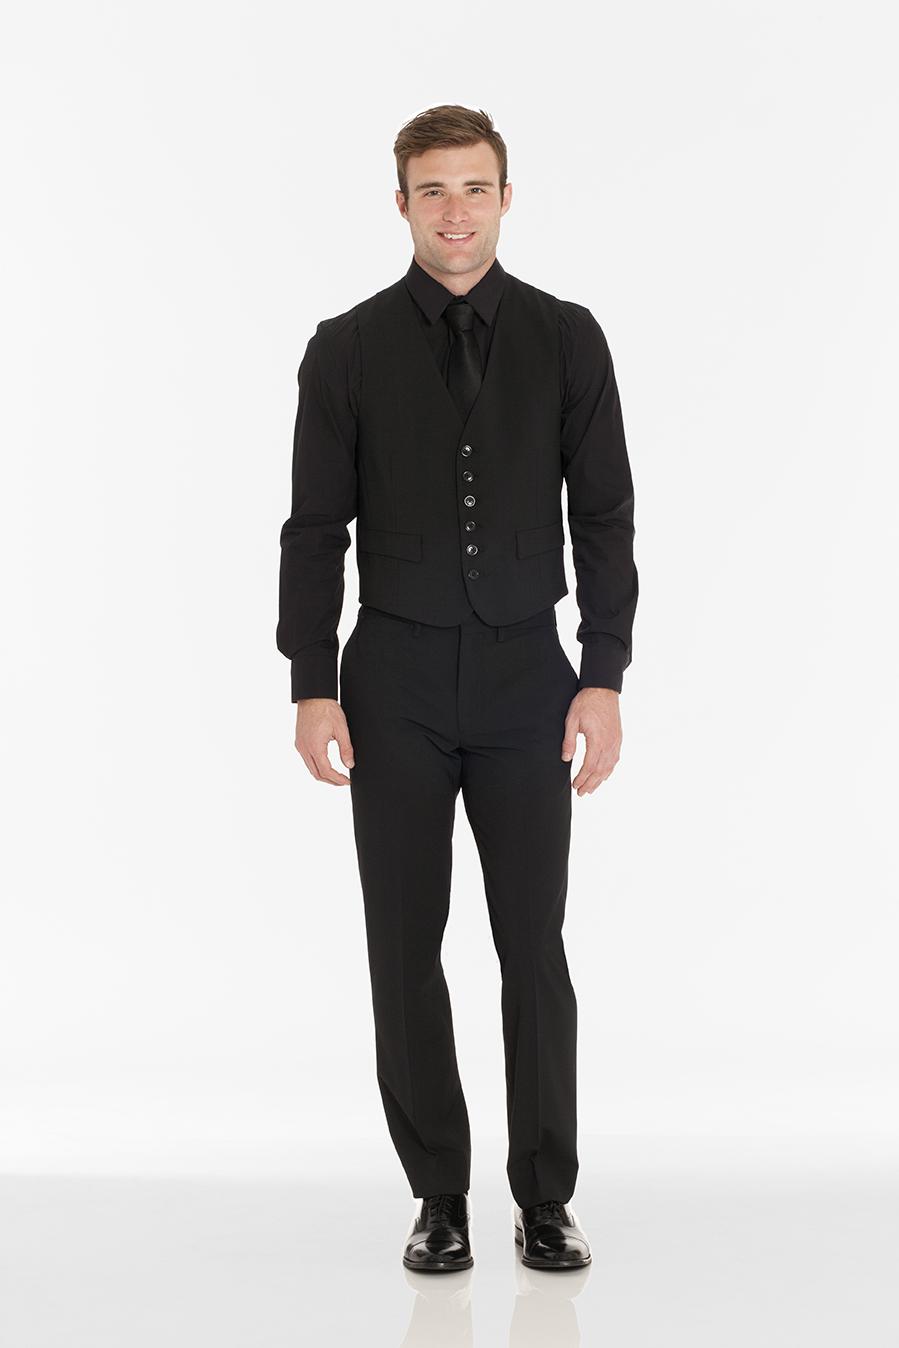 Vest 1211 Shirt 1052 Pant 297 Tie 1422